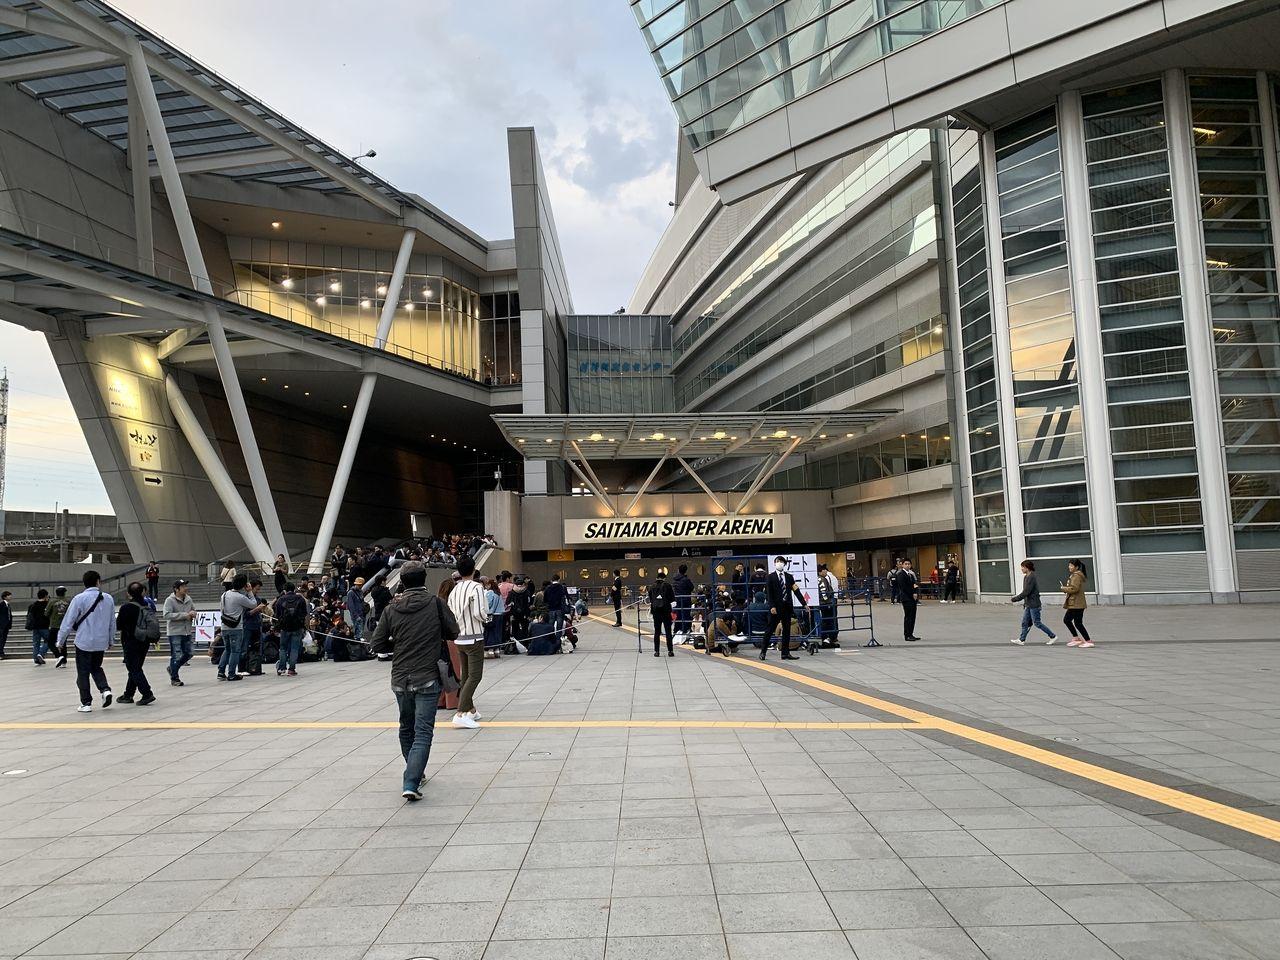 埼玉スーパーアリーナ会場に着いたのはいいが既に長蛇の列!